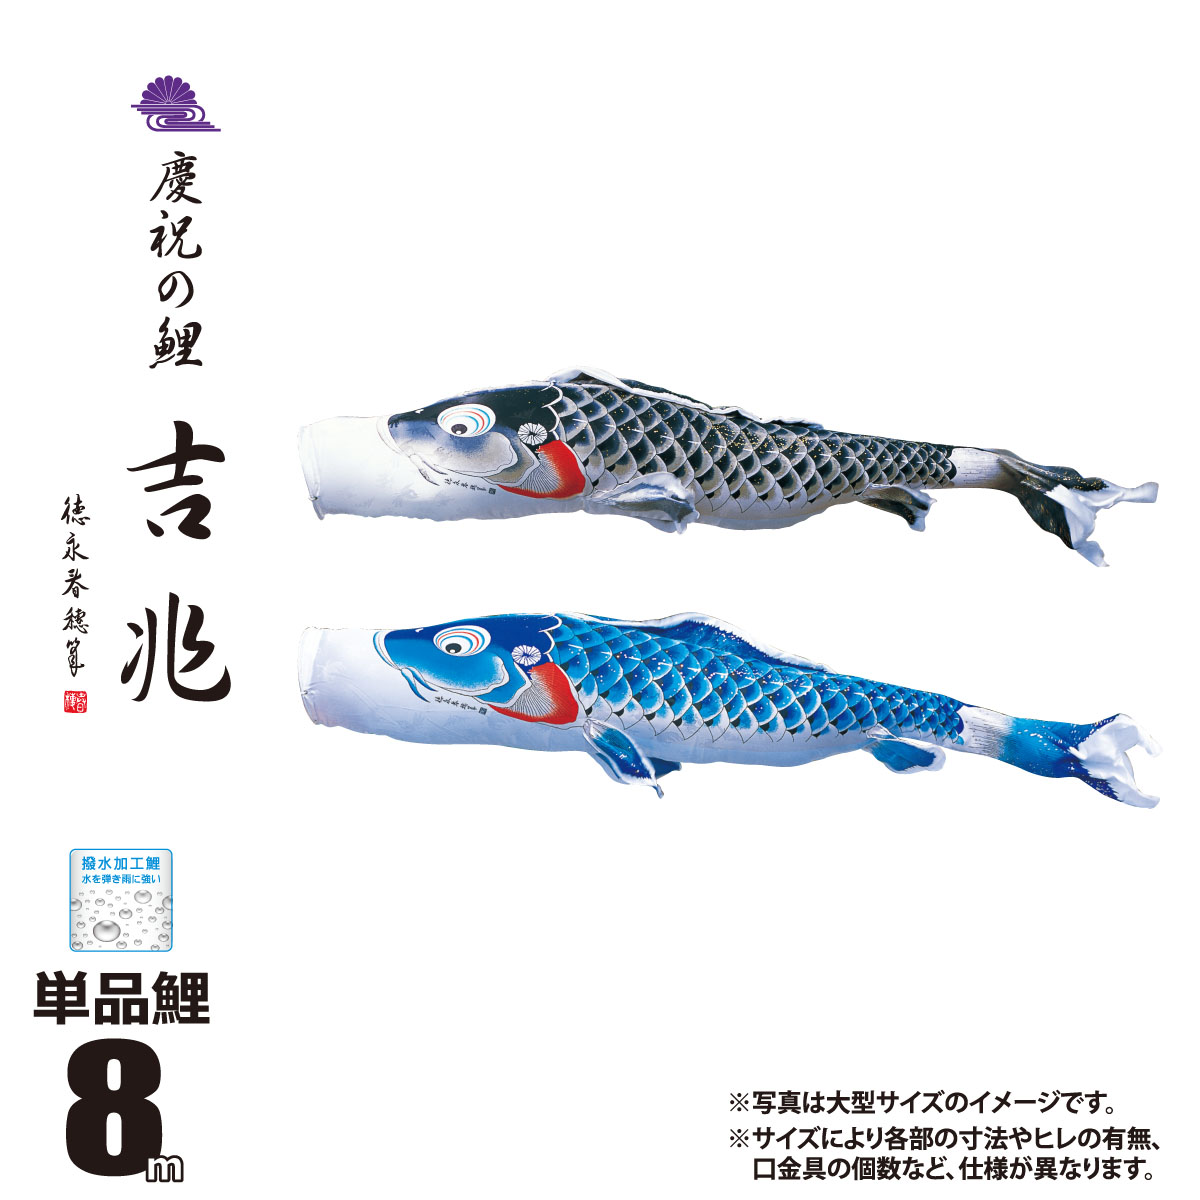 美しい 鯉のぼり 単品 一匹単位吉兆 単品鯉のぼり 8m 口金具付きカラー:黒鯉/青鯉ポリエステルジャガード桐竹鳳凰柄生地 撥水(はっ水)加工徳永鯉のぼり こいのぼり KOT-T-000-552 送料無料, 歩 AYUMI HANDICRAFT df24ae29